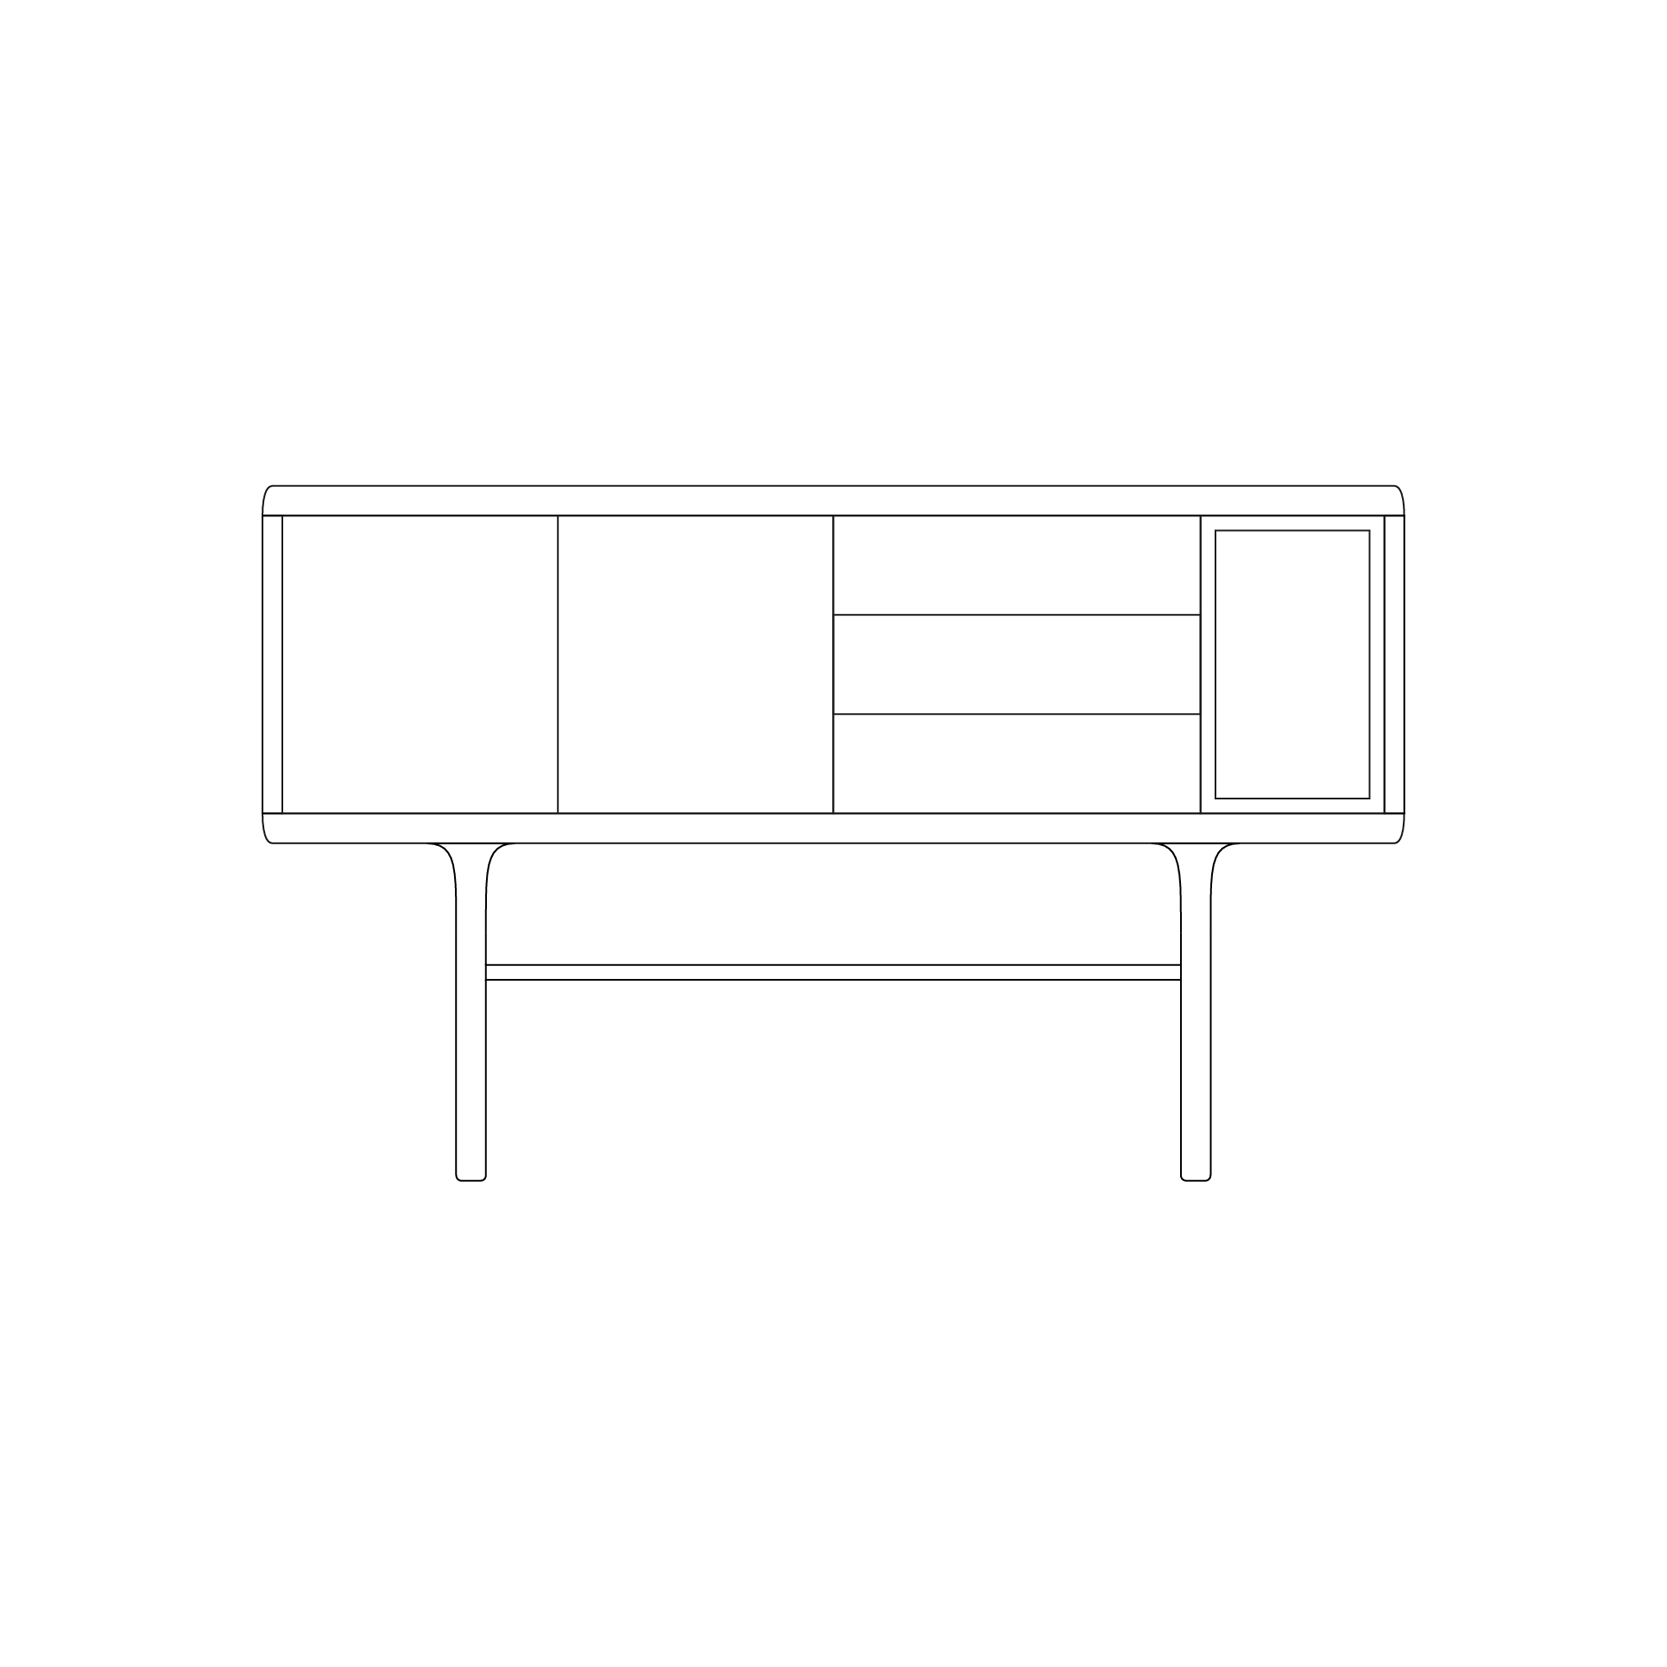 INDUSTRIAL DESIGN - - Product design / Diseño de producto- Furniture design / Diseño de mobiliario- Lighting design / Diseño de iluminación- Design consultancy / Consultoría de diseño- 3d Modelling / Modelado 3DFor example: Kaaja Collection, Junto, Abre